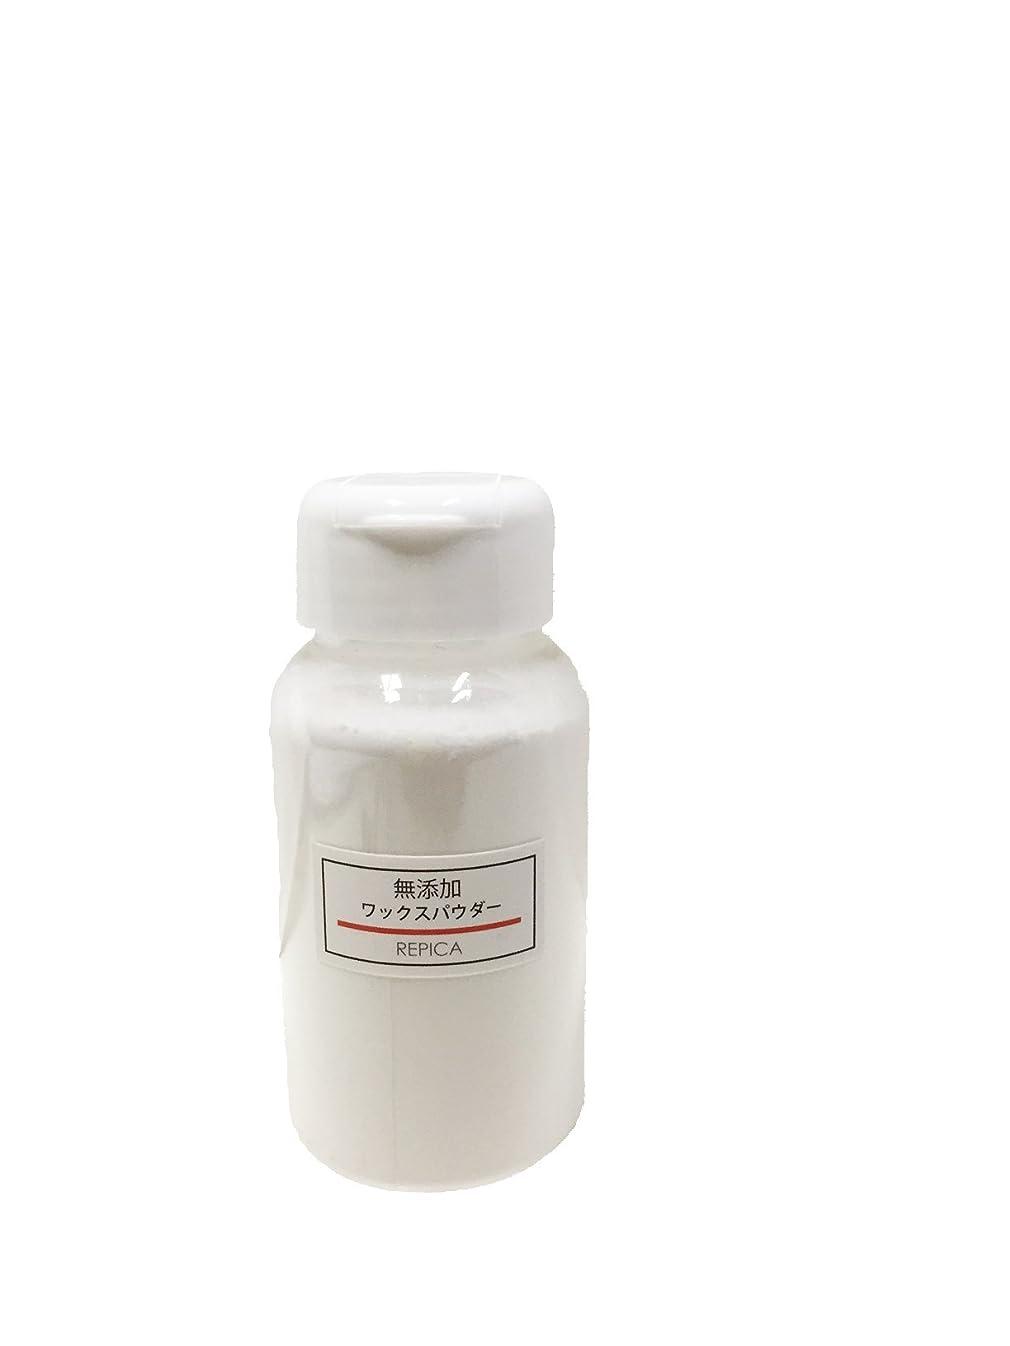 陪審役立つ忠実な無添加ワックスパウダー 200ml(300-3) (ワックス脱毛 ブラジリアンワックス) 業務用 自宅用 ワックスパウダー